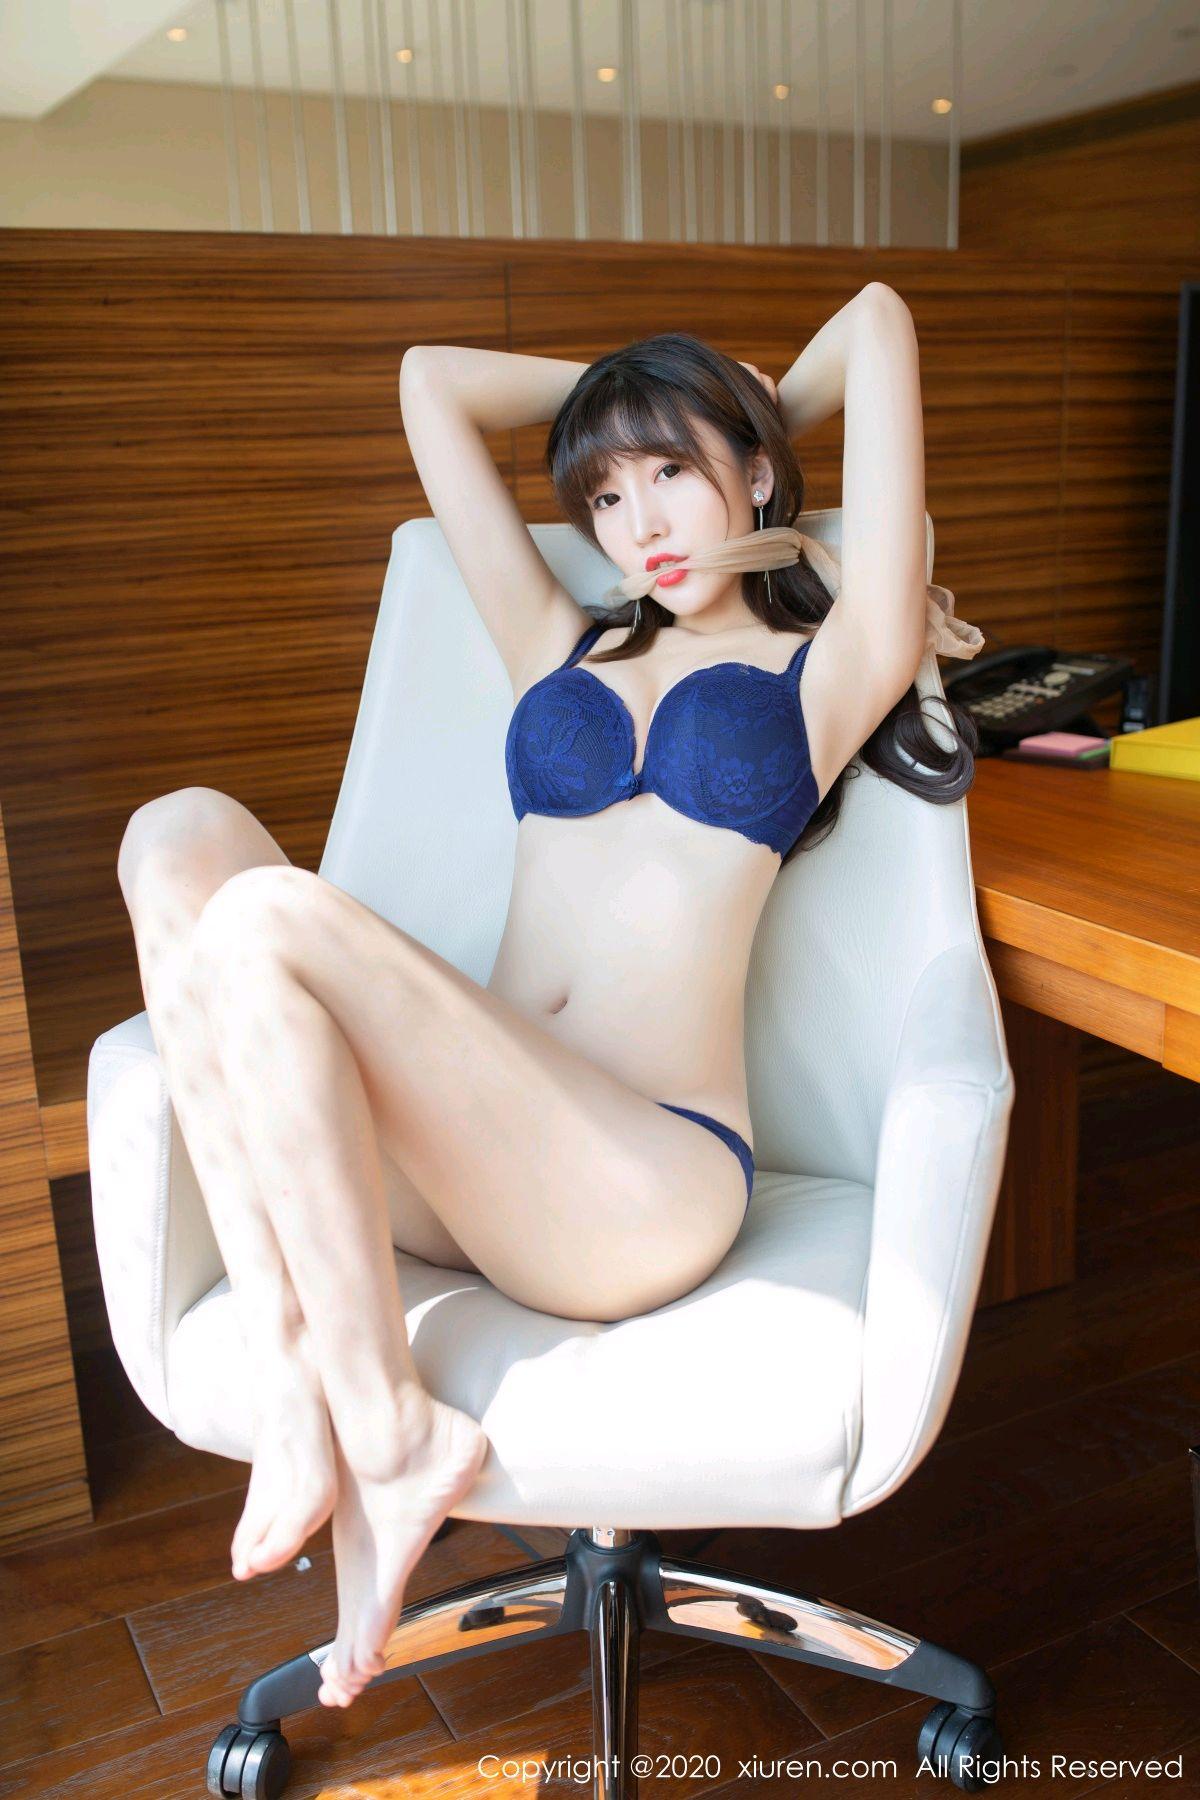 [XiuRen] Vol.2705 Lu Xuan Xuan 73P, Lu Xuan Xuan, Stewardess, Tall, Uniform, Xiuren